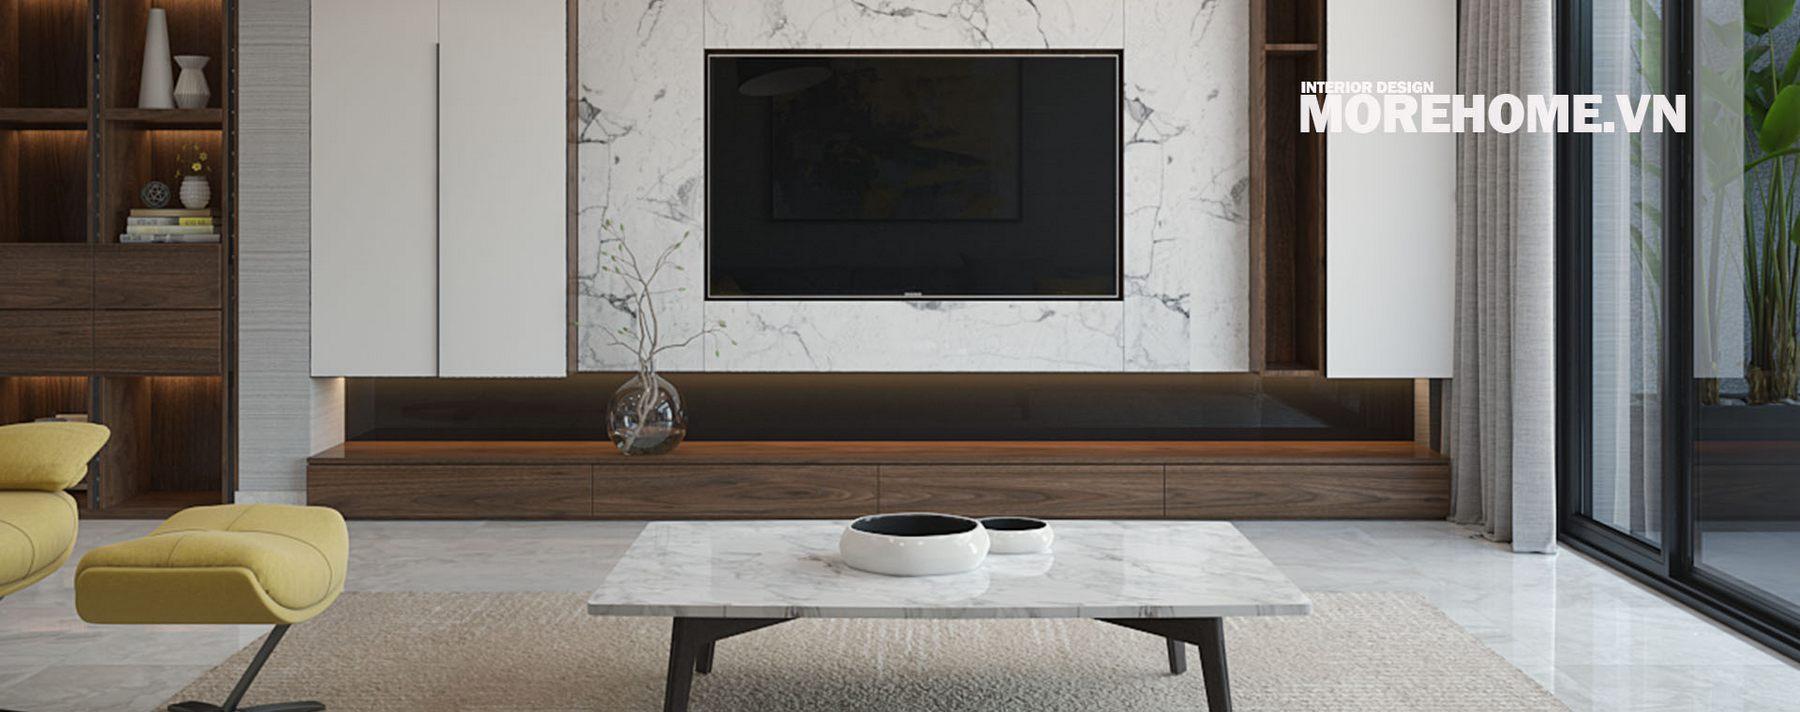 Thiết kế nội thất phòng khách nhà liền kề An Hứng Hà Đông